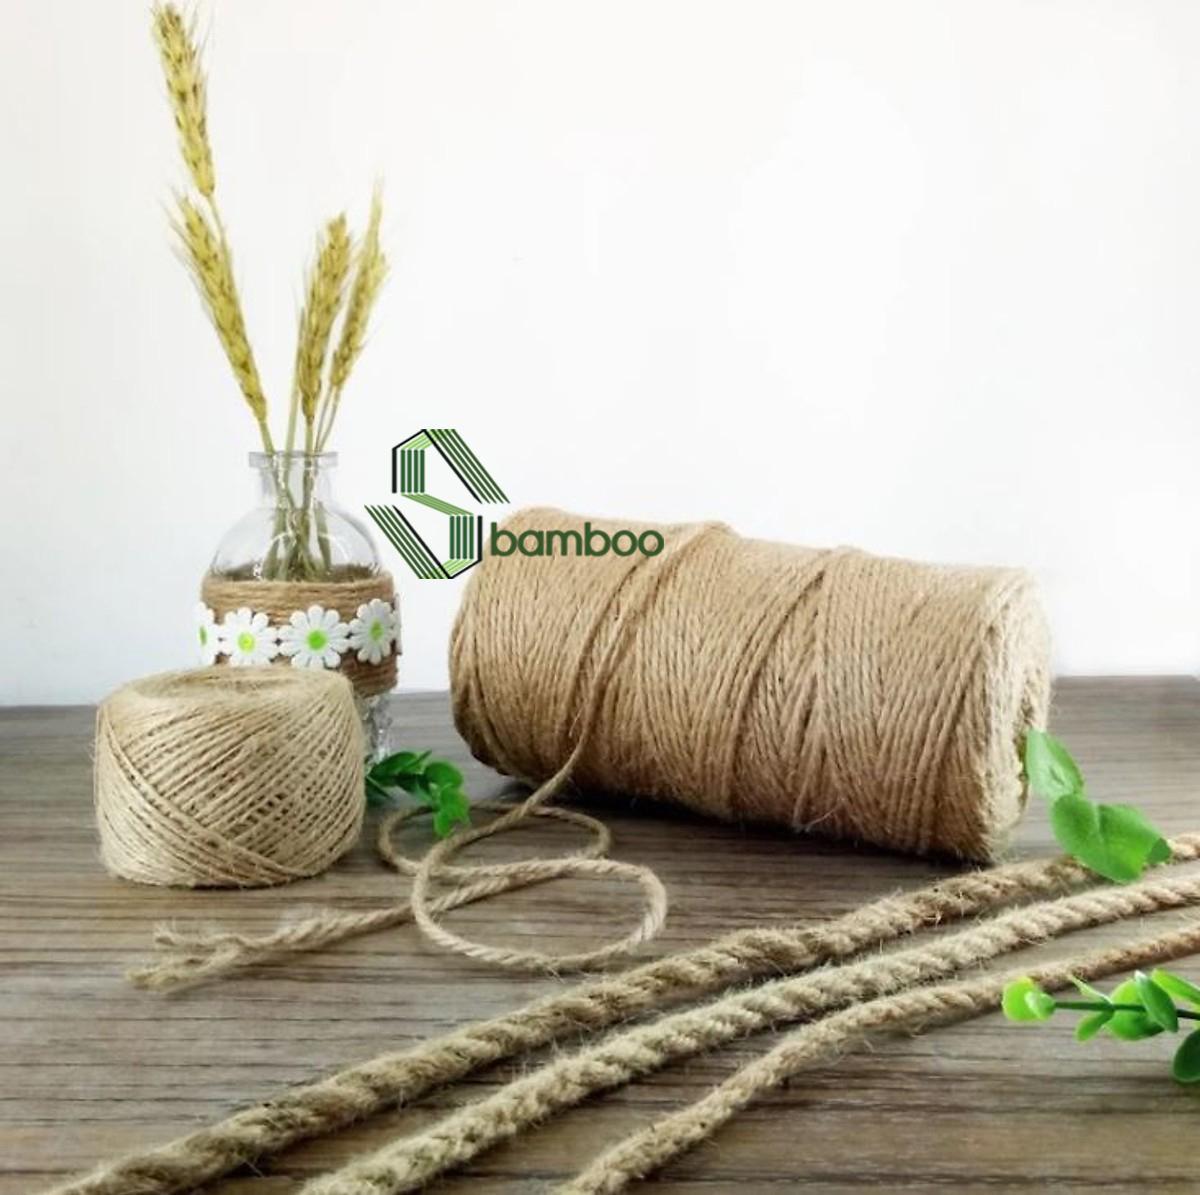 Dây thừng trang trí, dây thừng gai, dây làm handmade SBAMBOO cuộn 100 mét